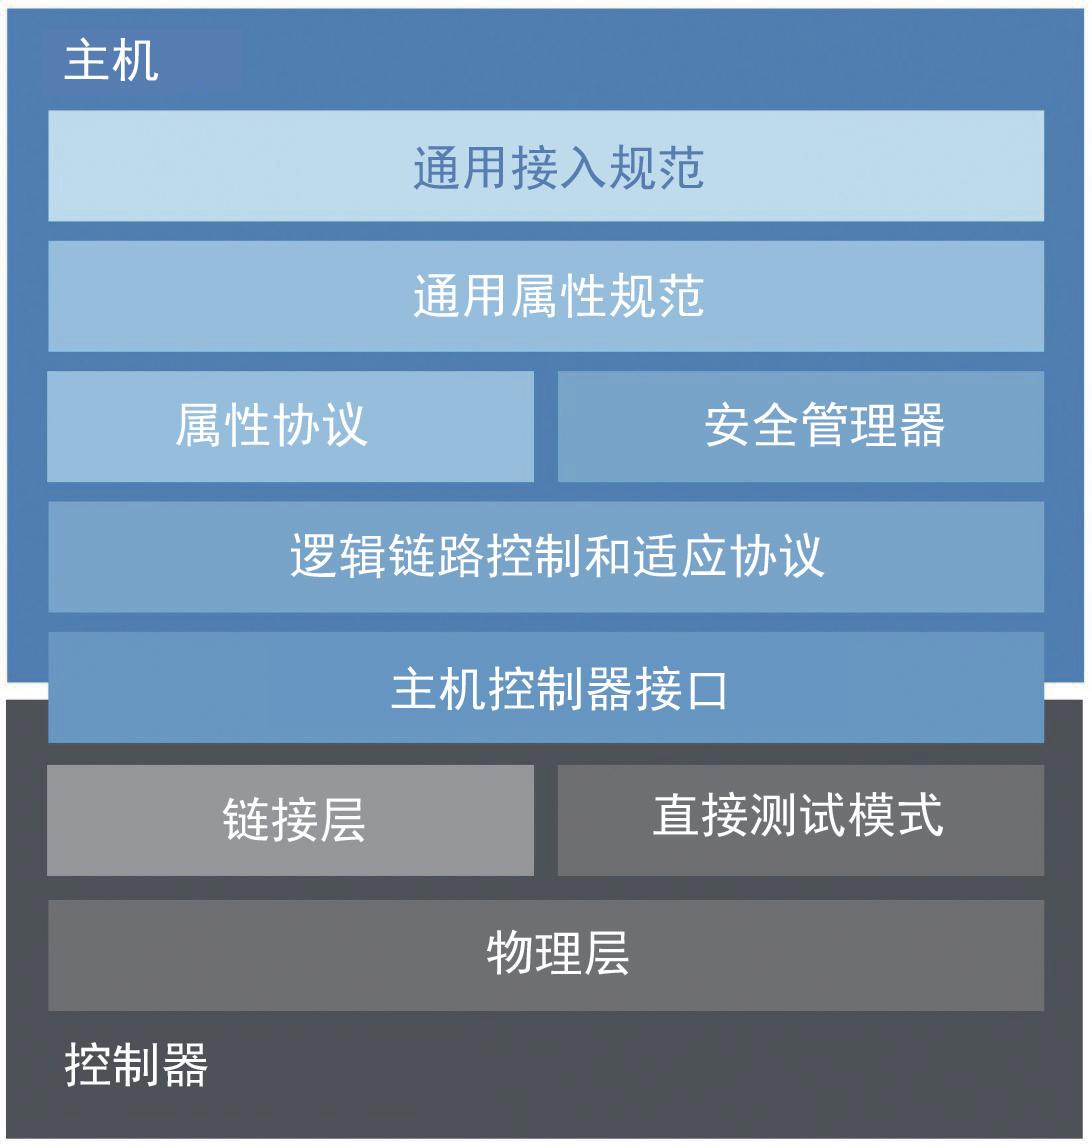 蓝牙5.2的新功能